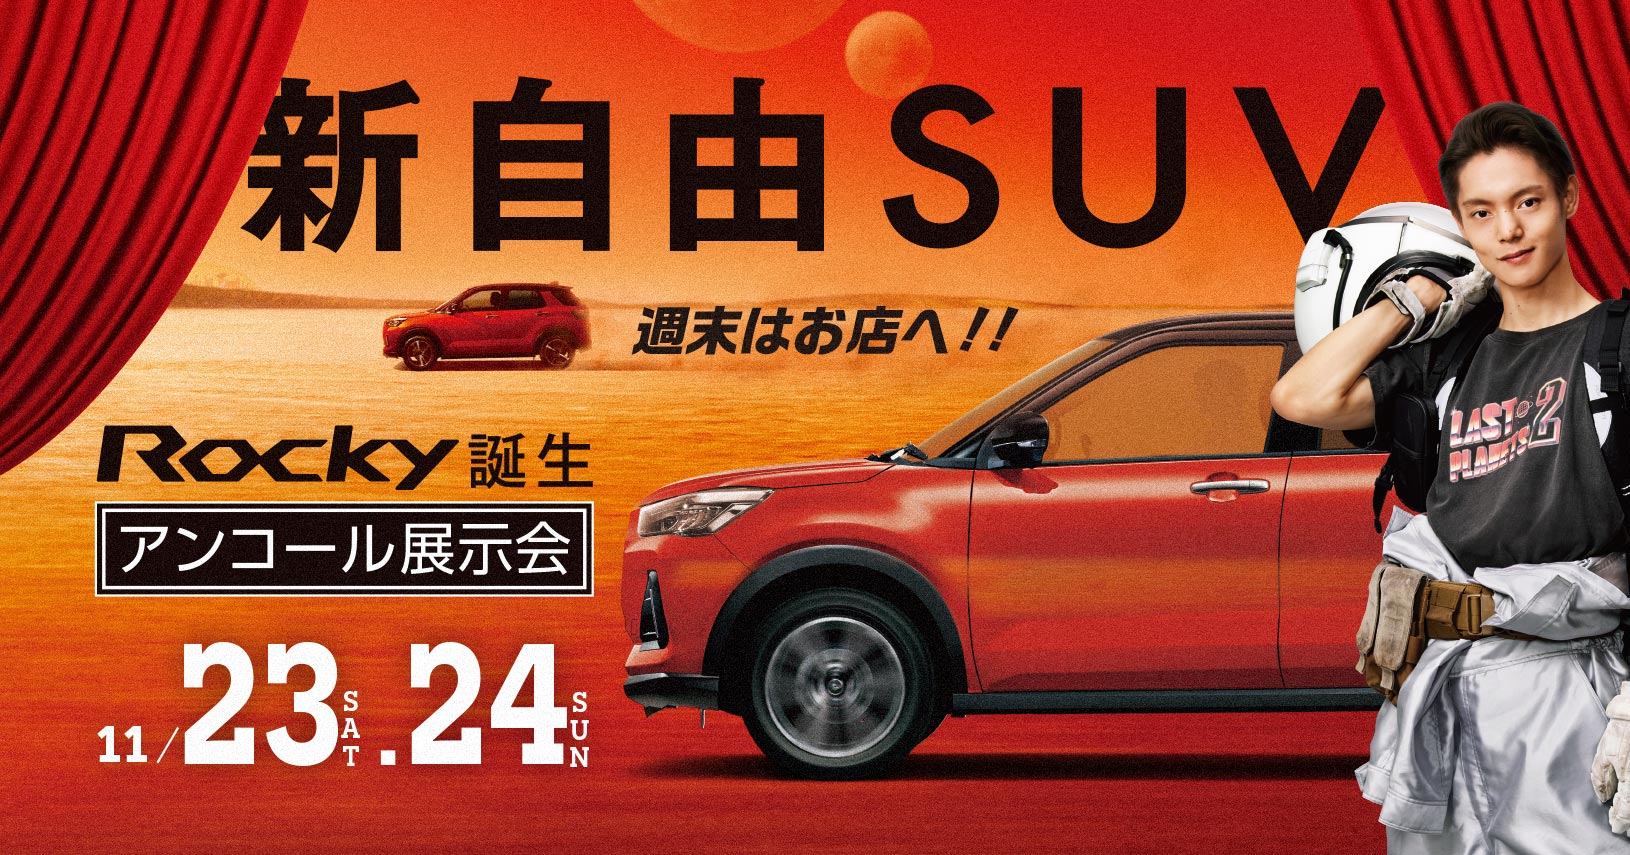 11月23.24日新自由SUV「ロッキー」誕生 アンコール展示会